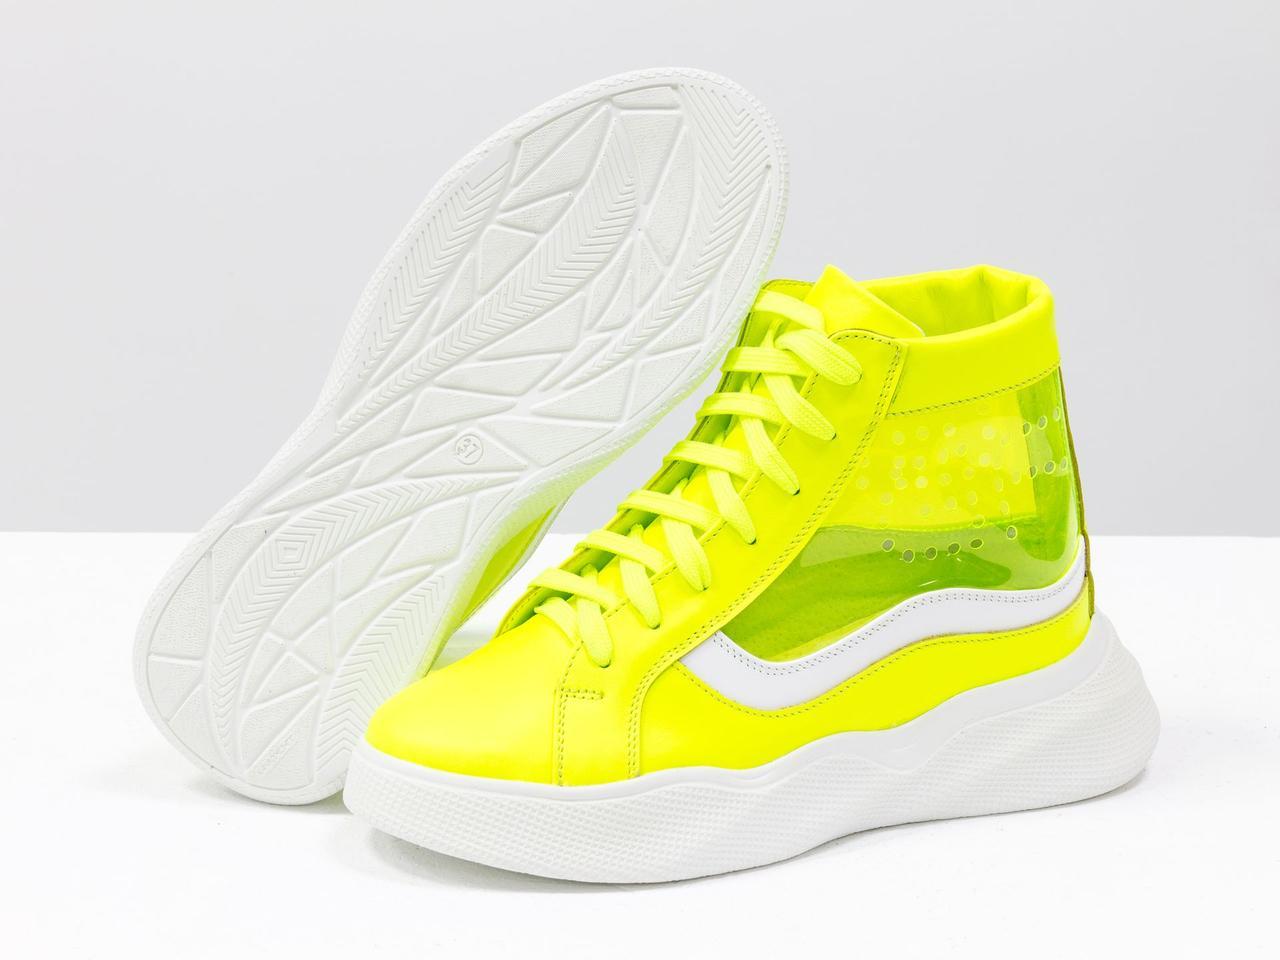 Дизайнерские прозрачные ботинки из натуральной неоновой кожи желтого и белого цвета - фото 6